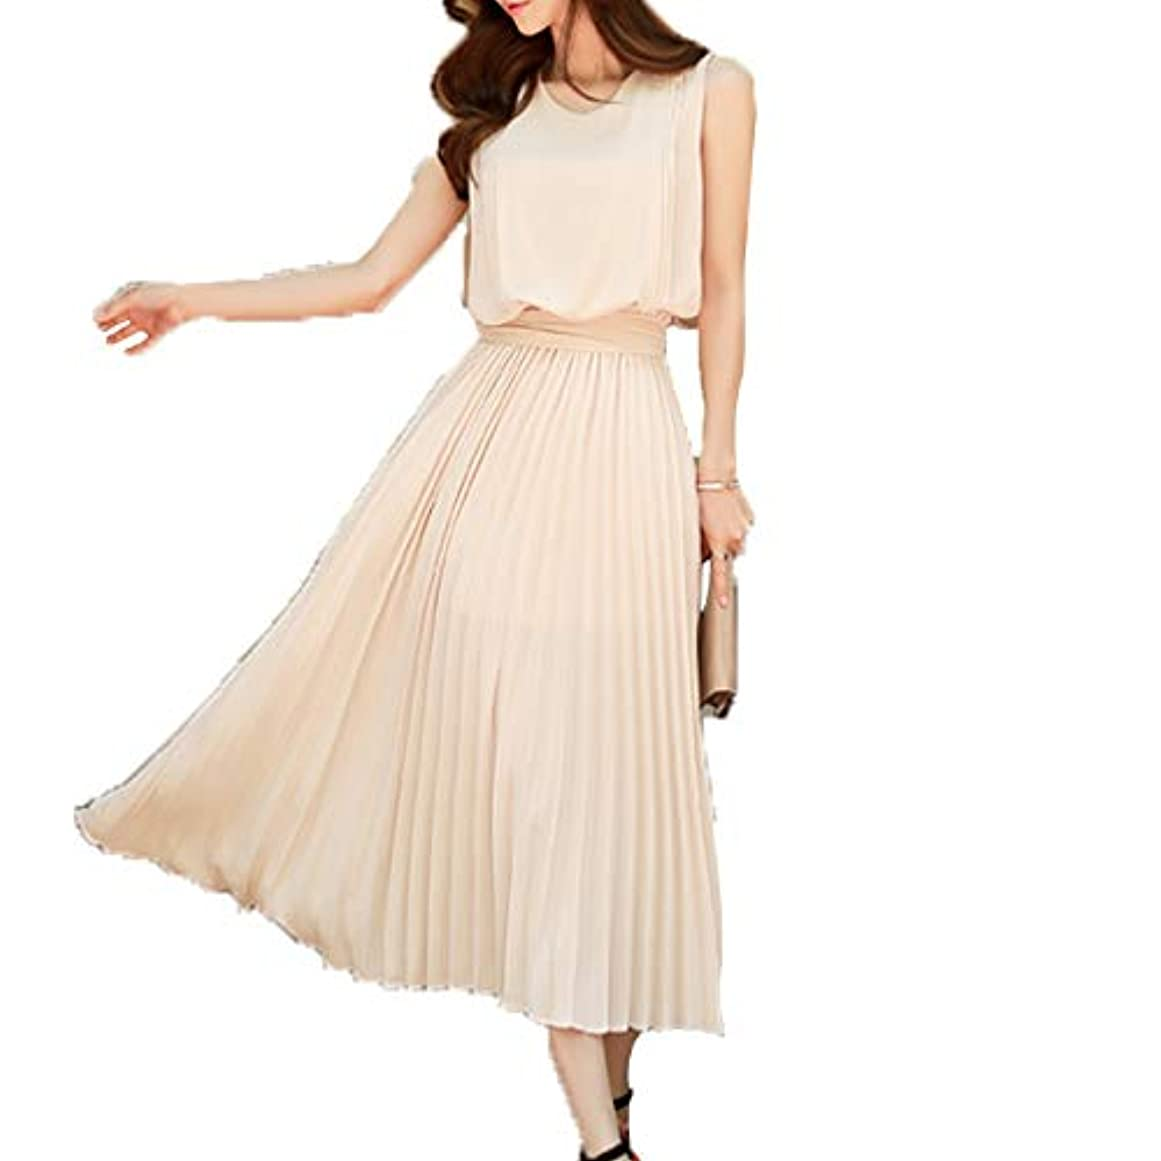 一緒に閉じ込める効果[ココチエ] ドレス ワンピース シフォン 大きめ ロング 春夏 プリーツ 半袖 ノースリーブ リボン